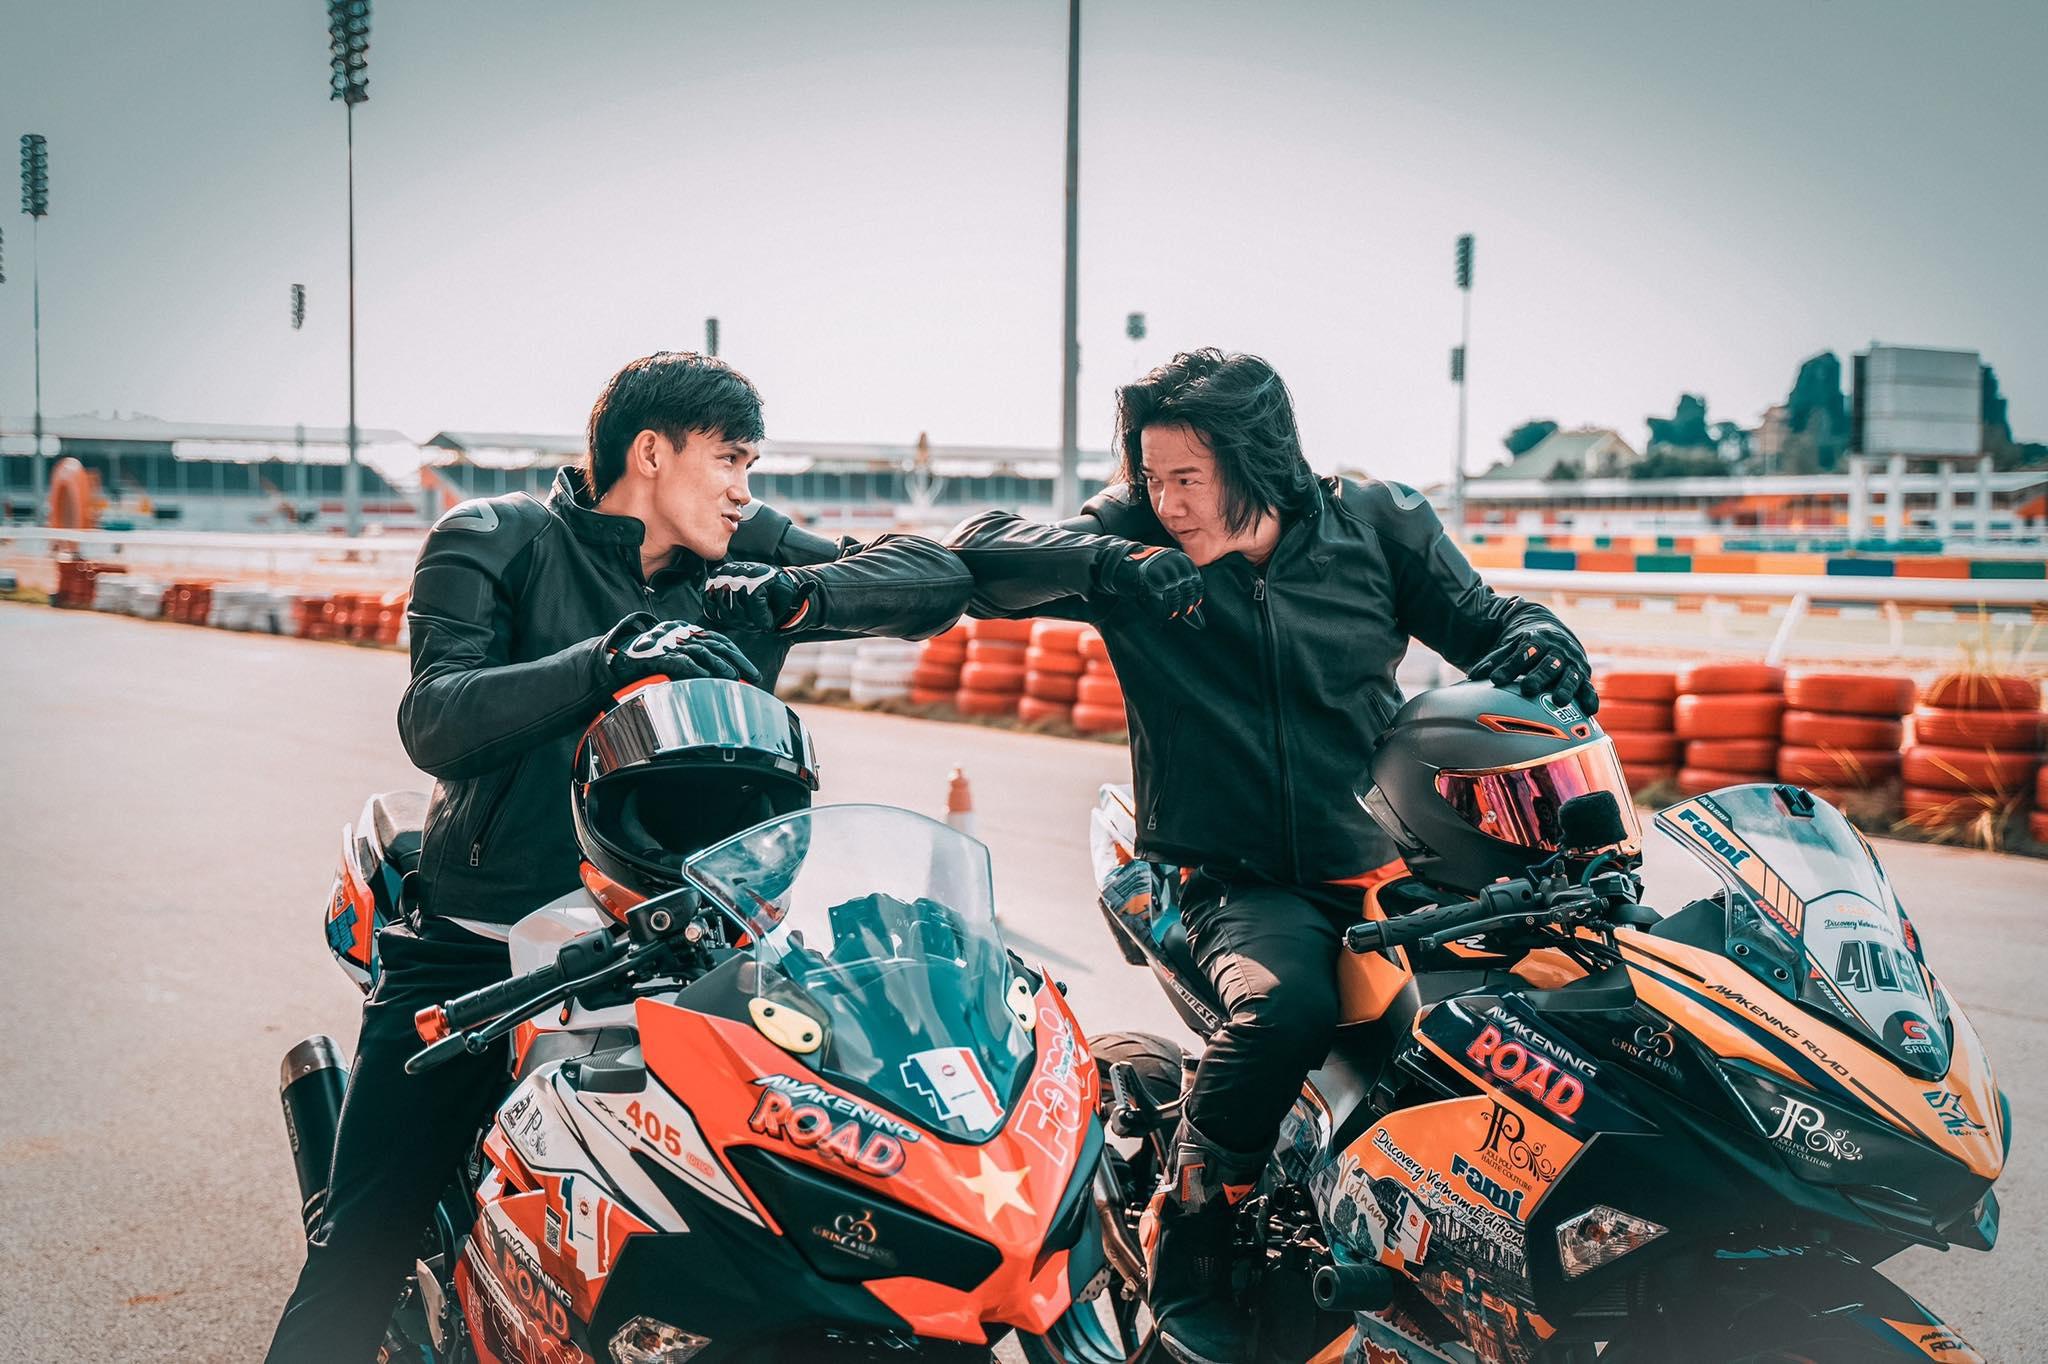 Dời ngày tổ chức Giải đua xe mô tô Awakening Road Con đường thức tỉnh 2021 Xefun - 3445